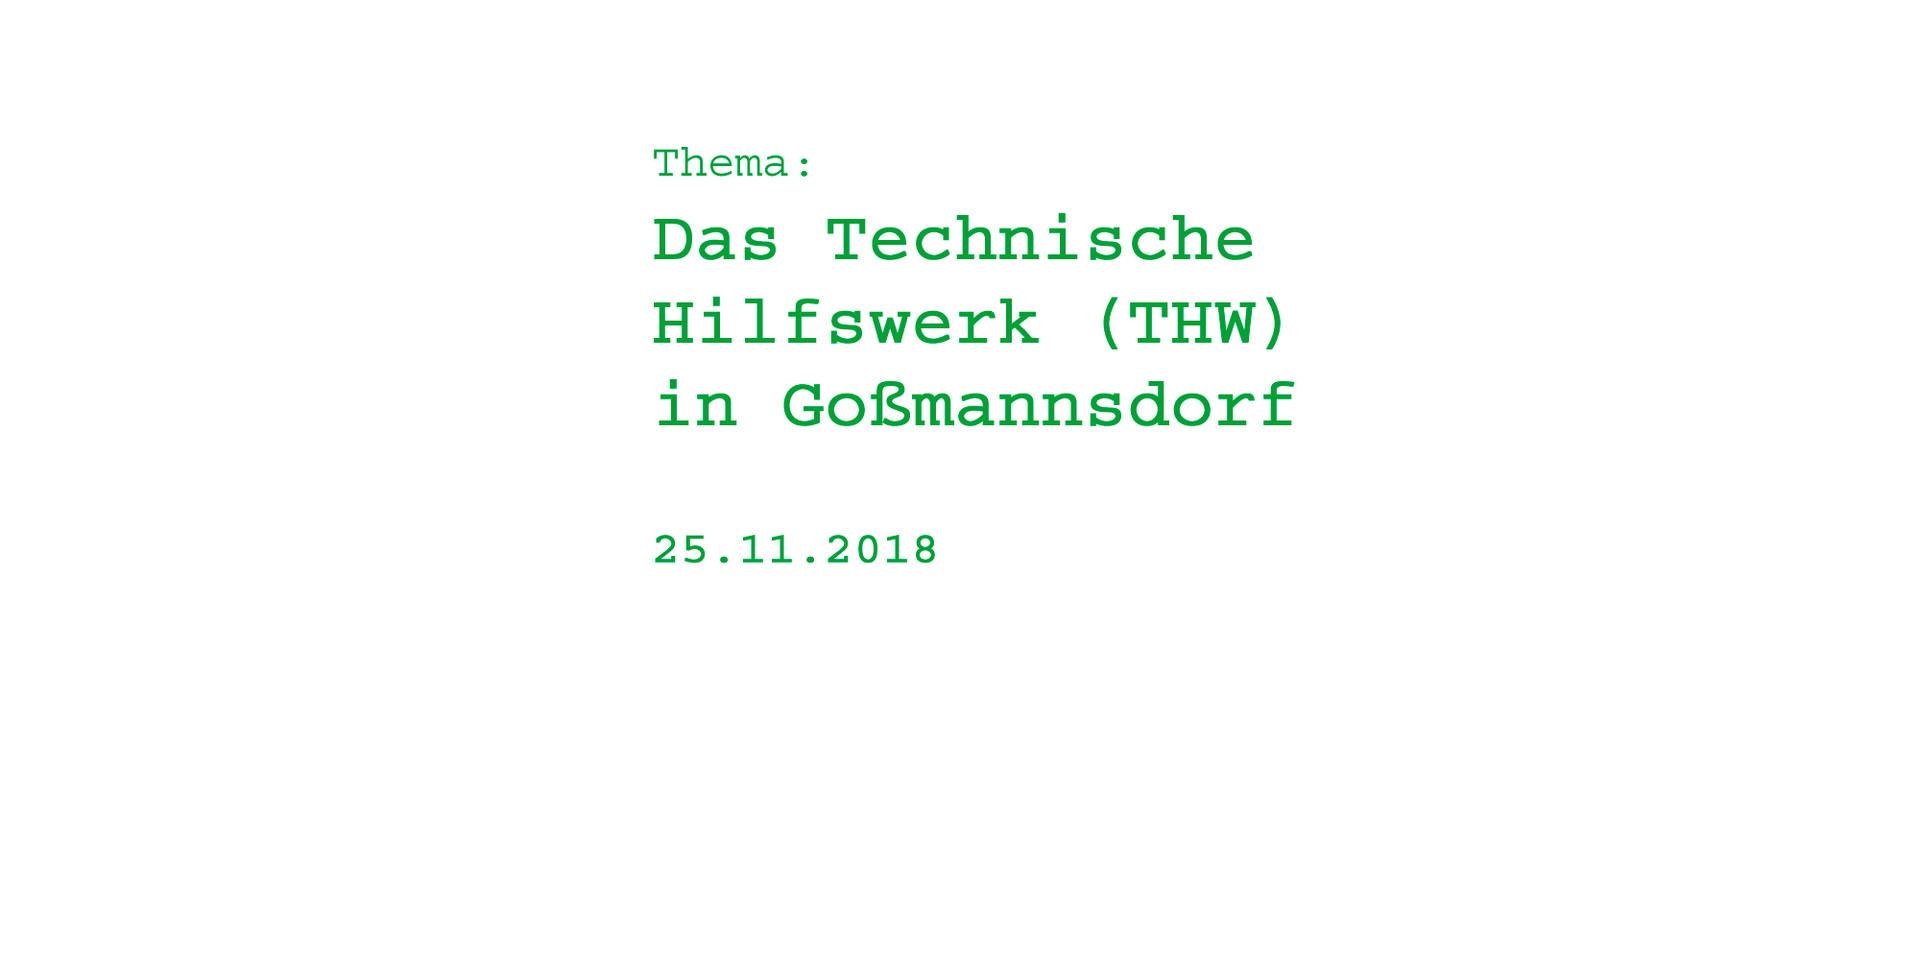 Das_THW_in_Goßmannsdorf.jpg